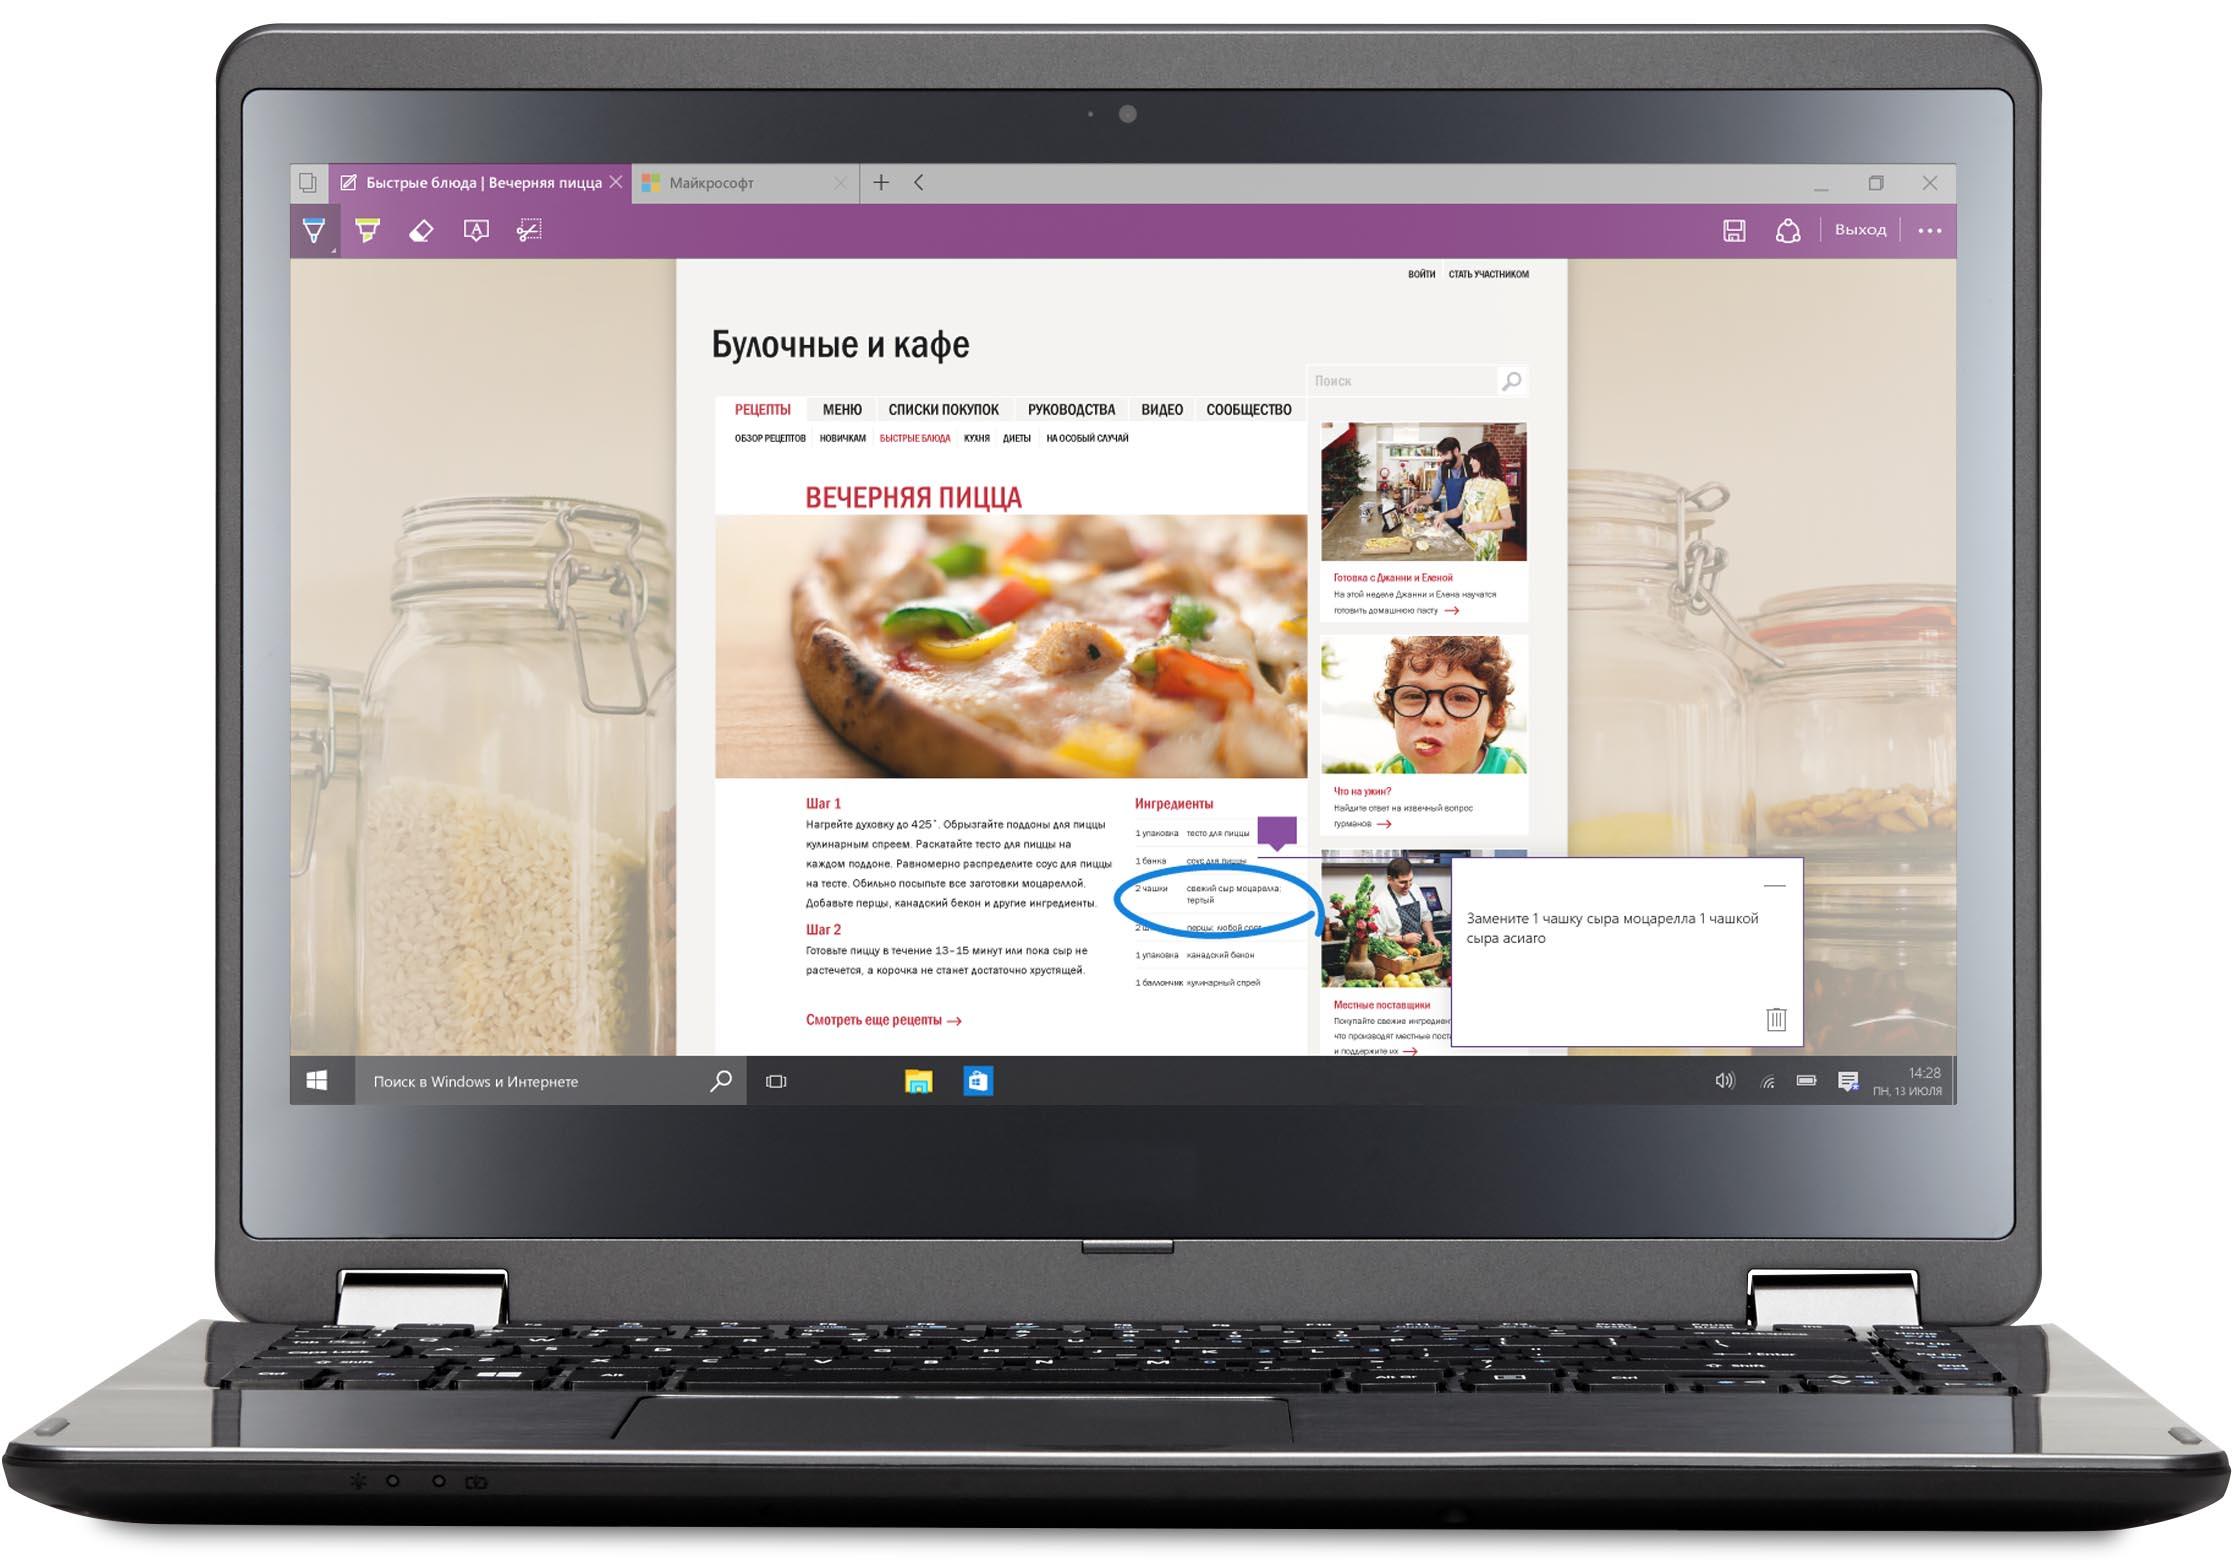 Ноутбук с Microsoft Edge